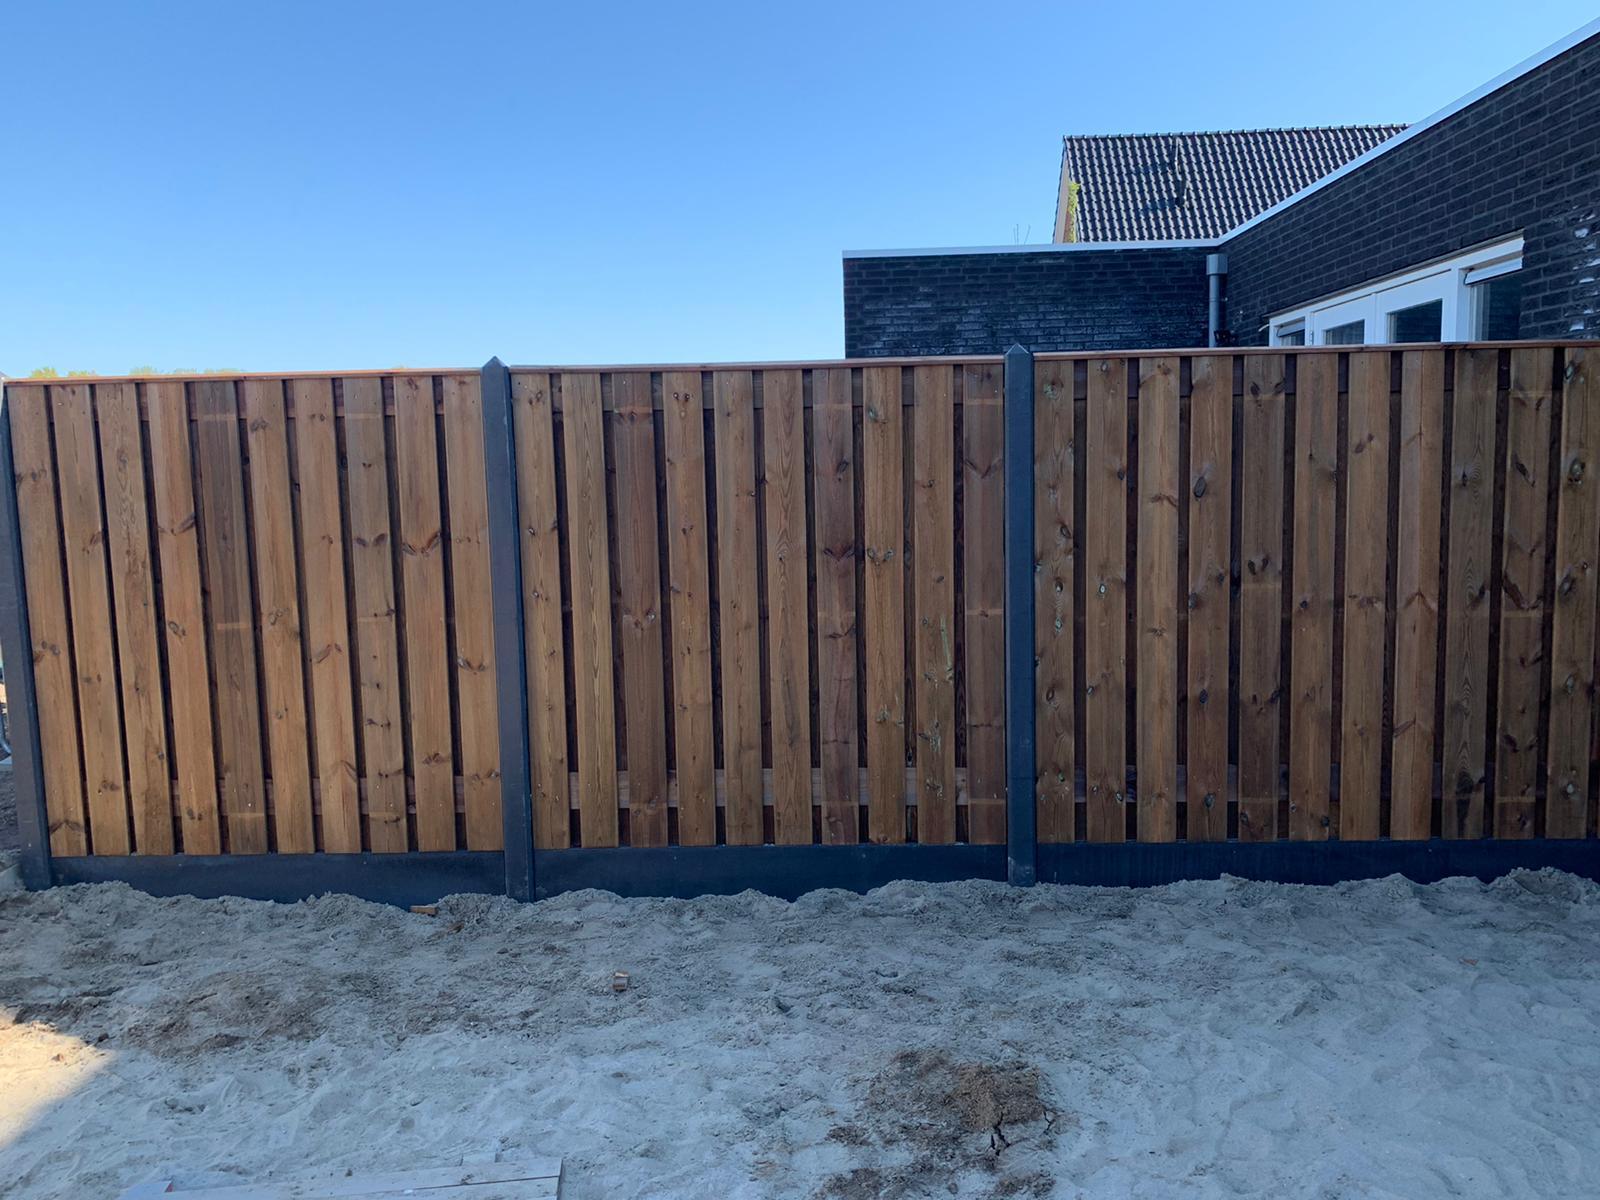 Nobifix houten schutting beton palen grijs horizontale latten  tuin